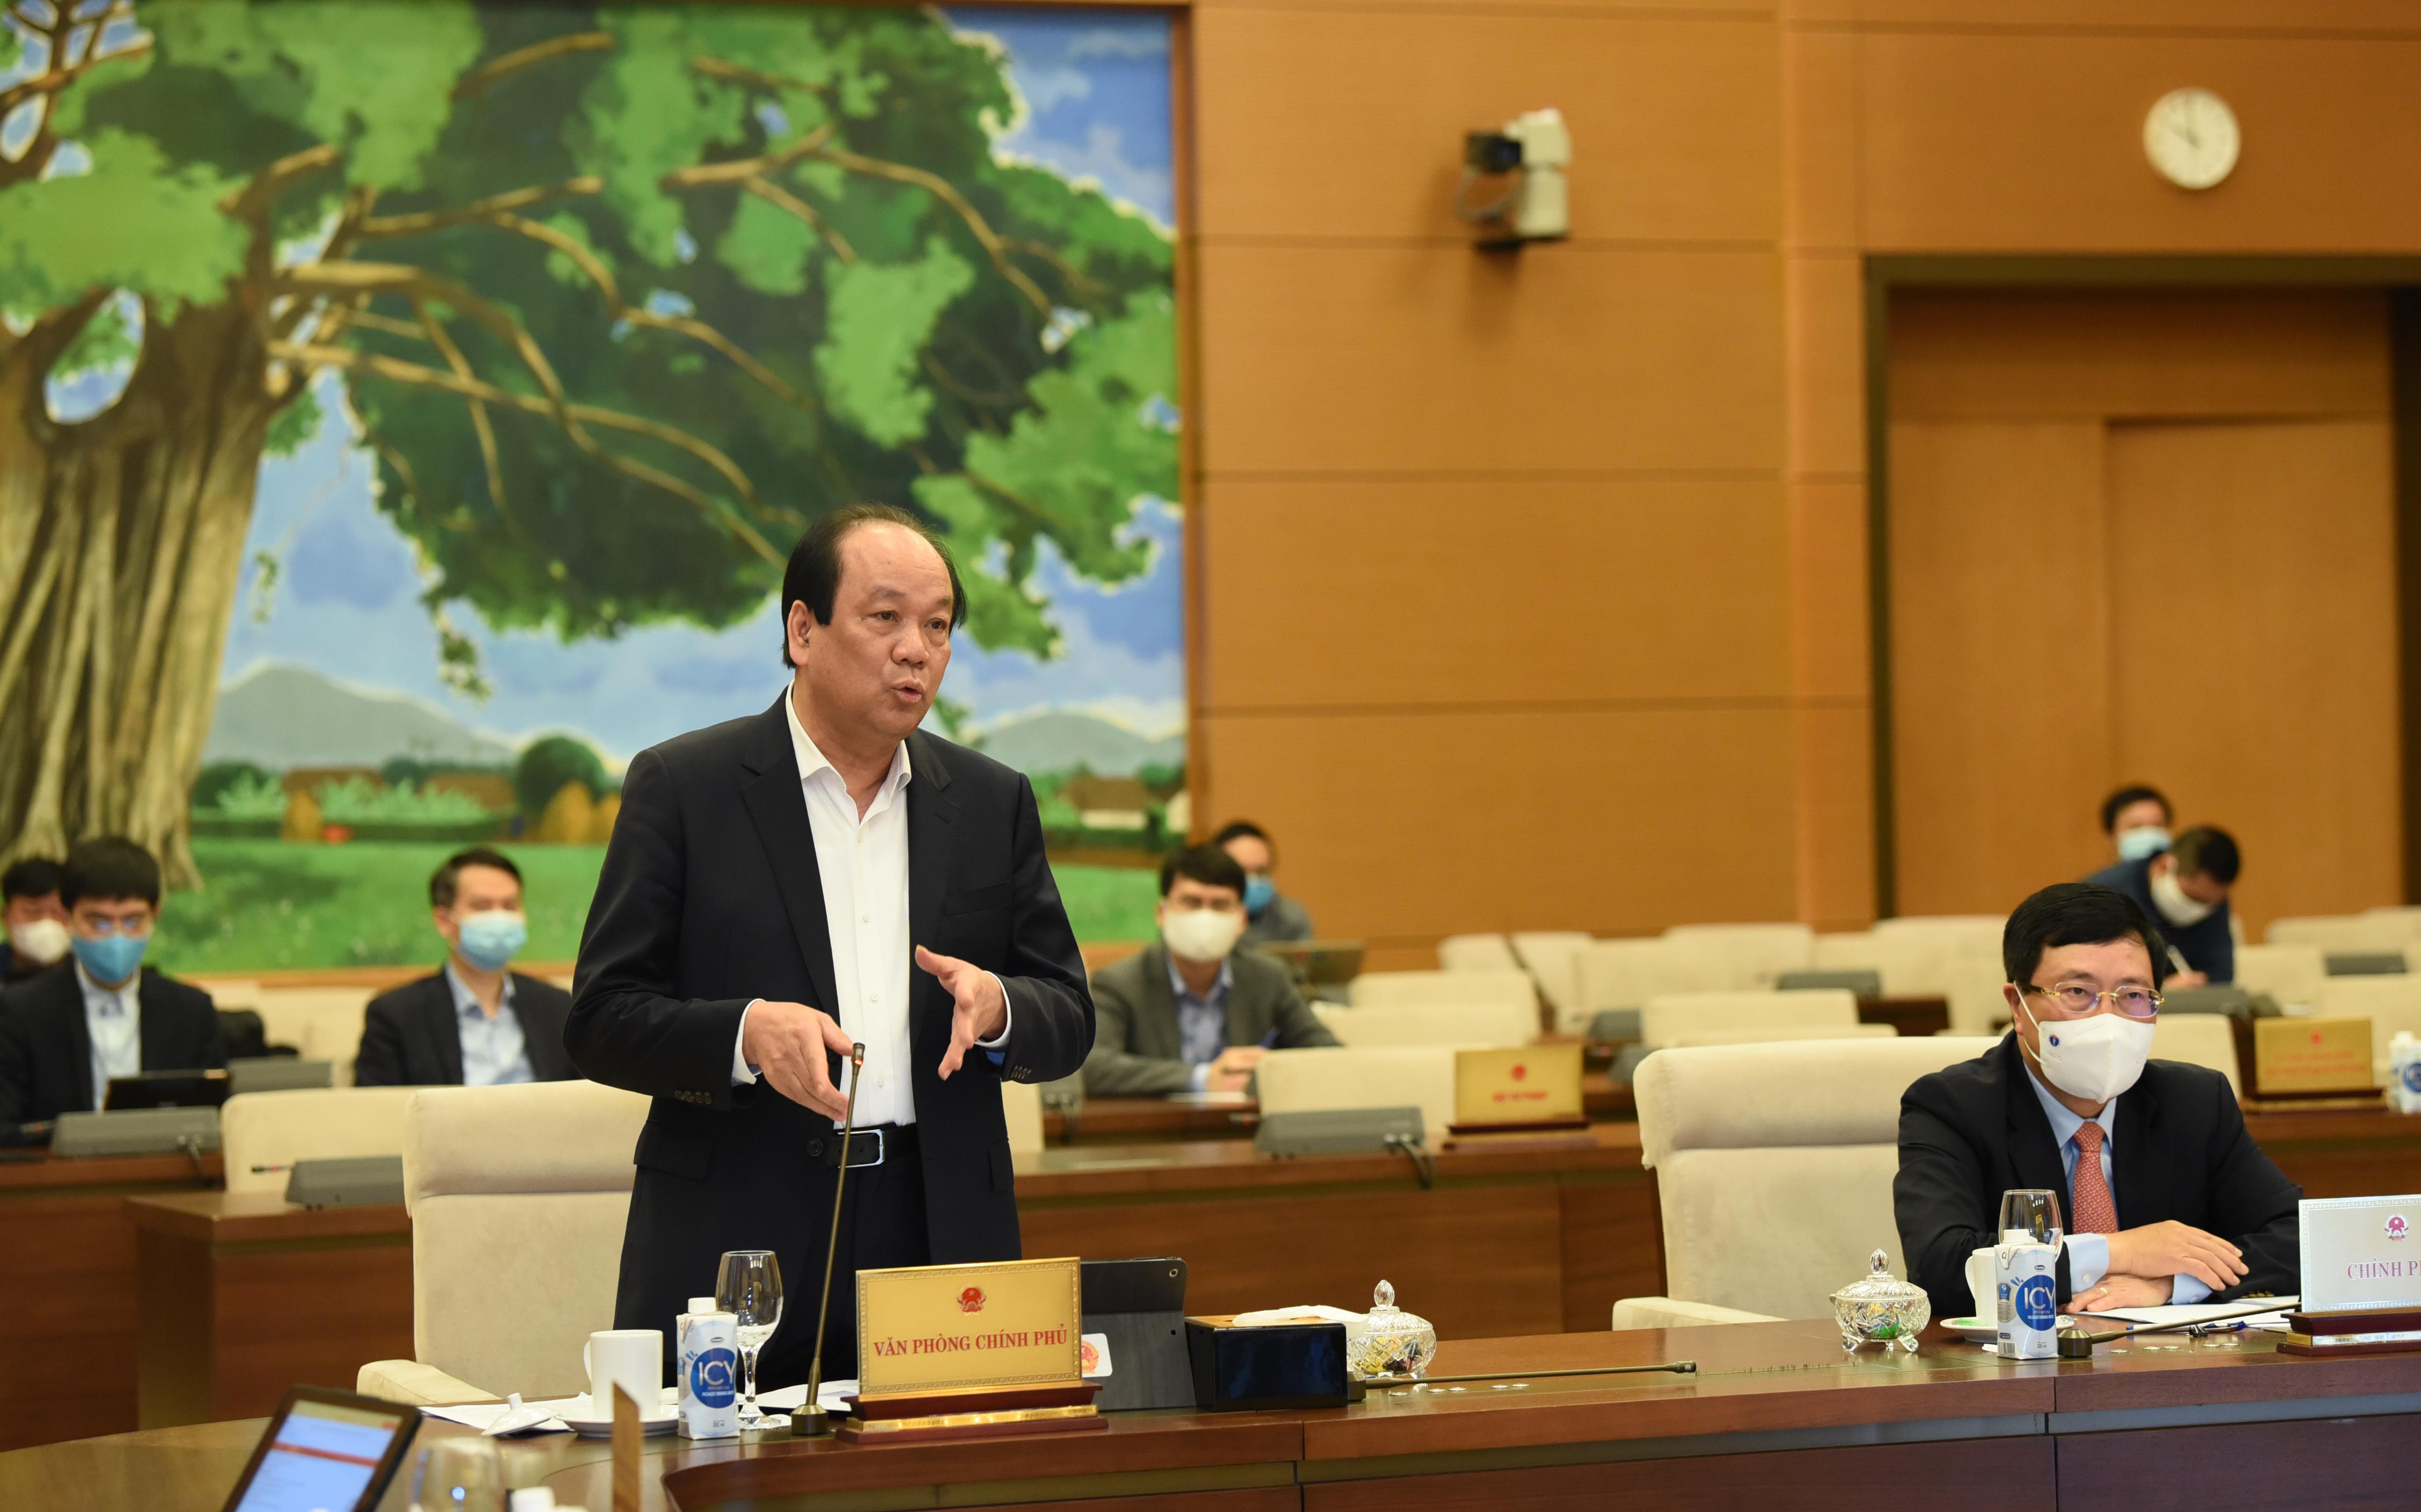 Bộ trưởng, Chủ nhiệm VPCP Mai Tiến Dũng báo cáo trước UBTVQH. Ảnh: VGP/ Lê Sơn